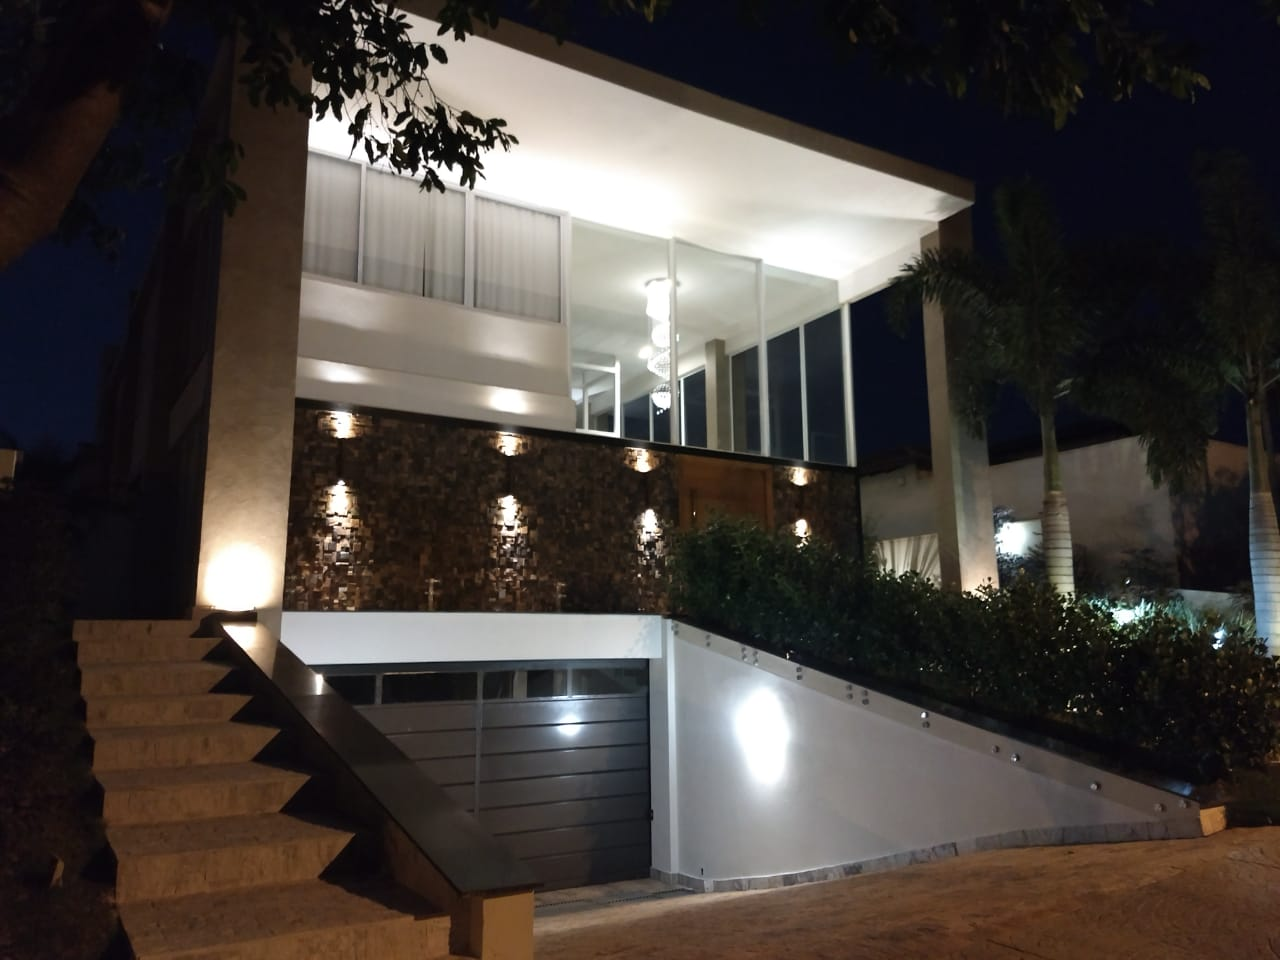 BRA- Sobrado em Araraquara -SP